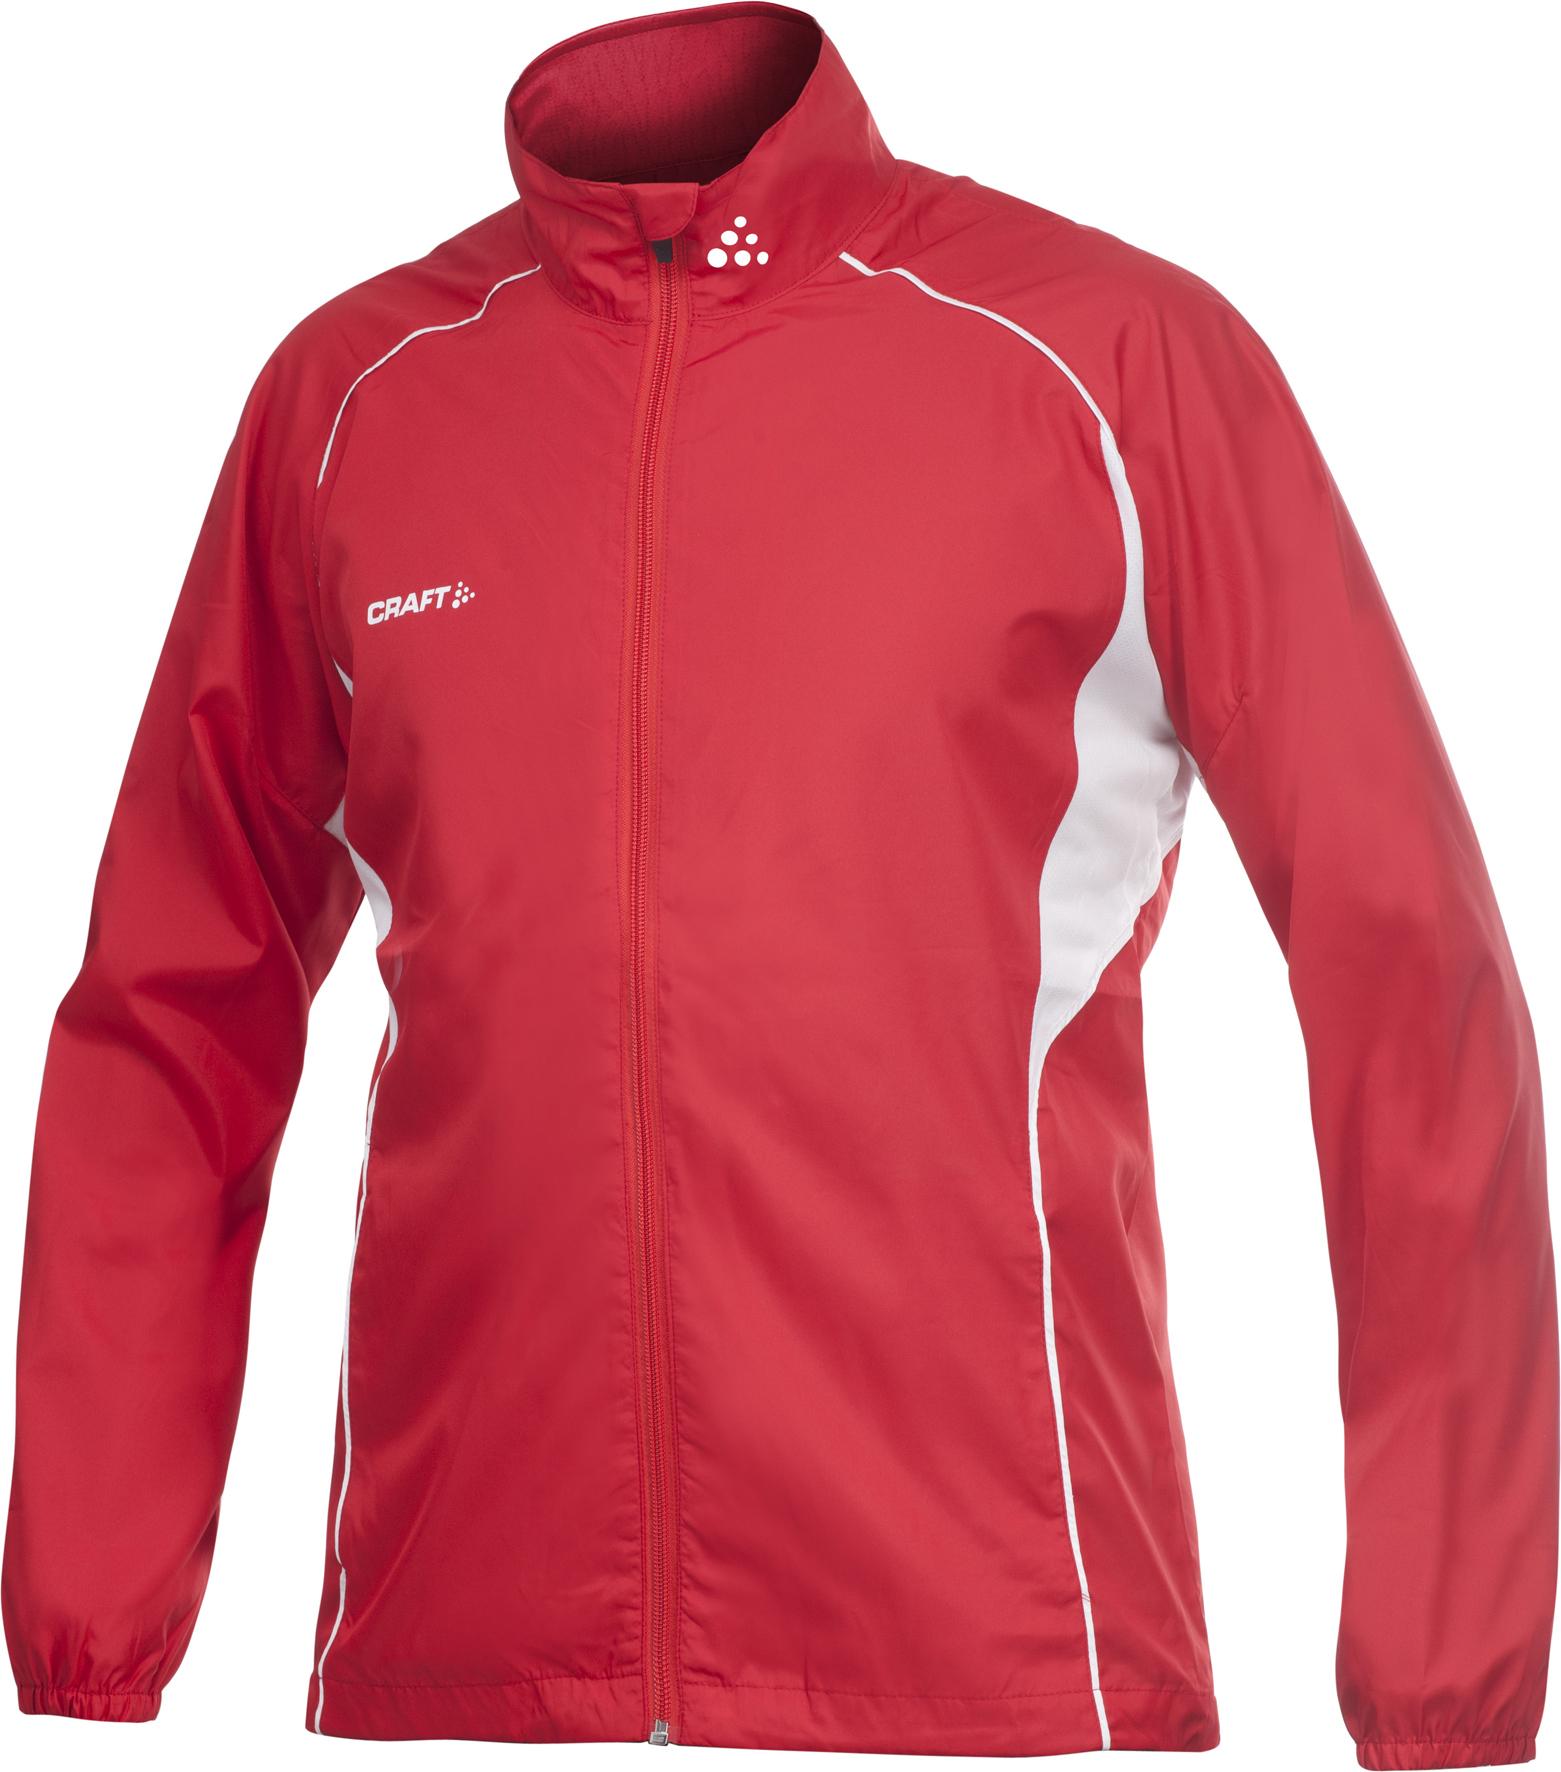 Мужская куртка Craft Track and Field красная (1901239-2430)